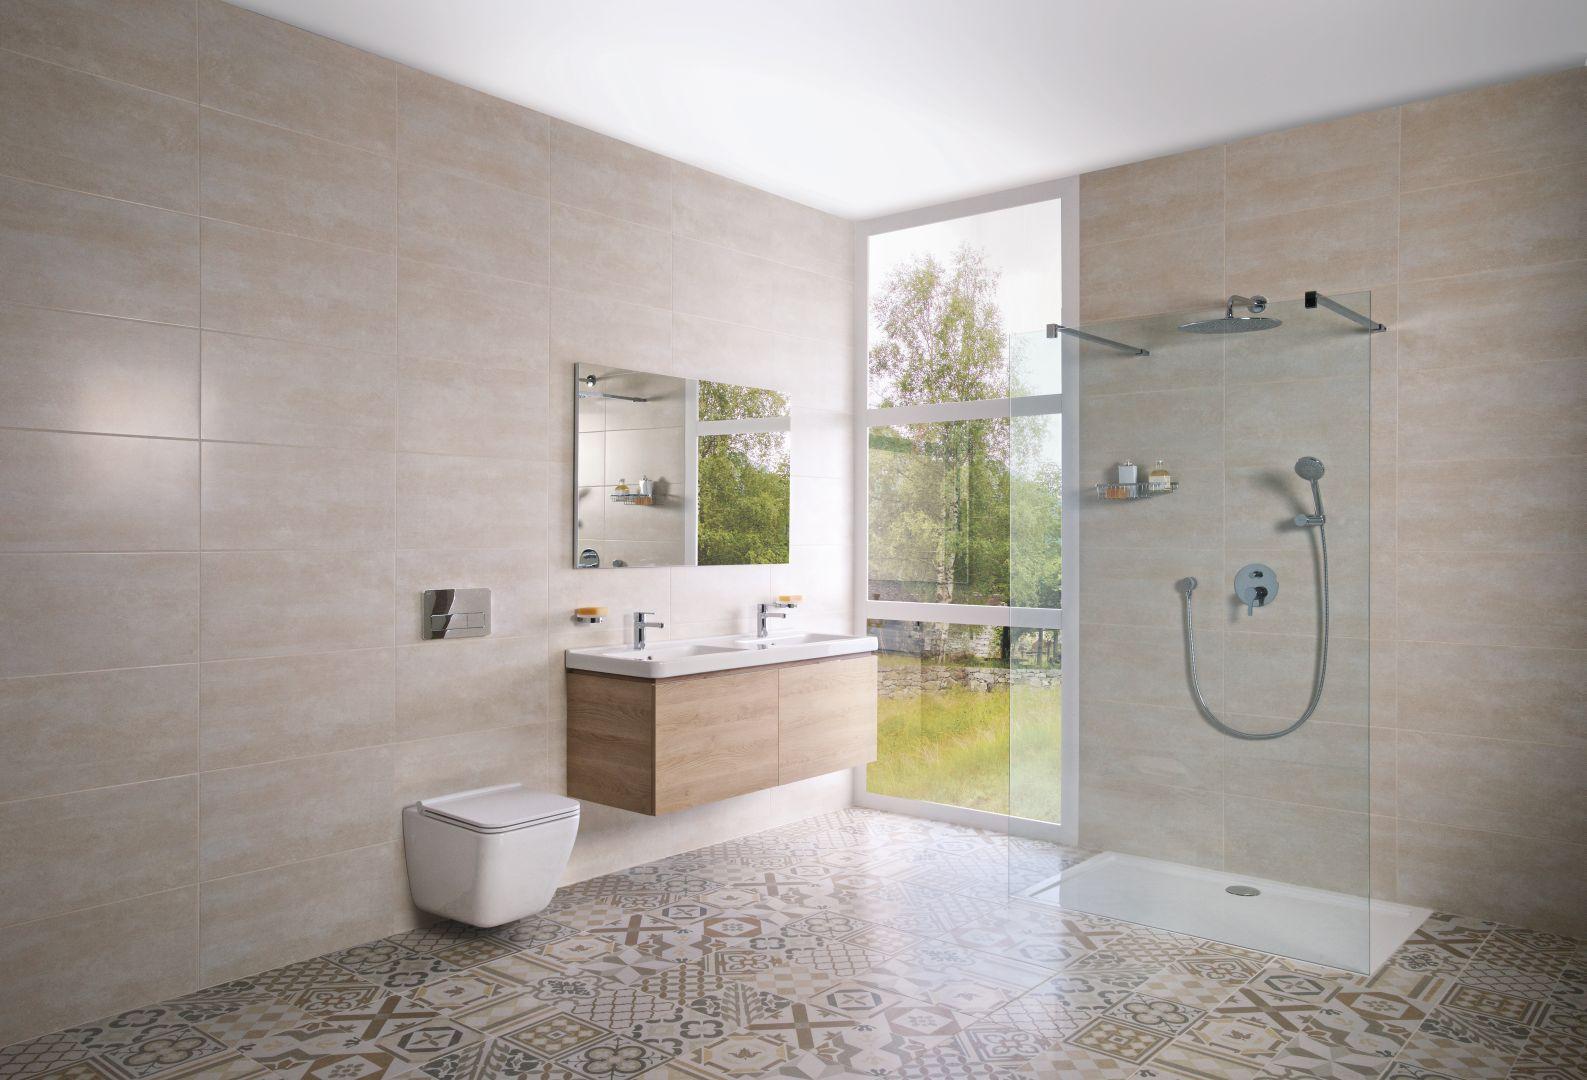 Typy sprchových vaniček ke sprchovým koutům 4